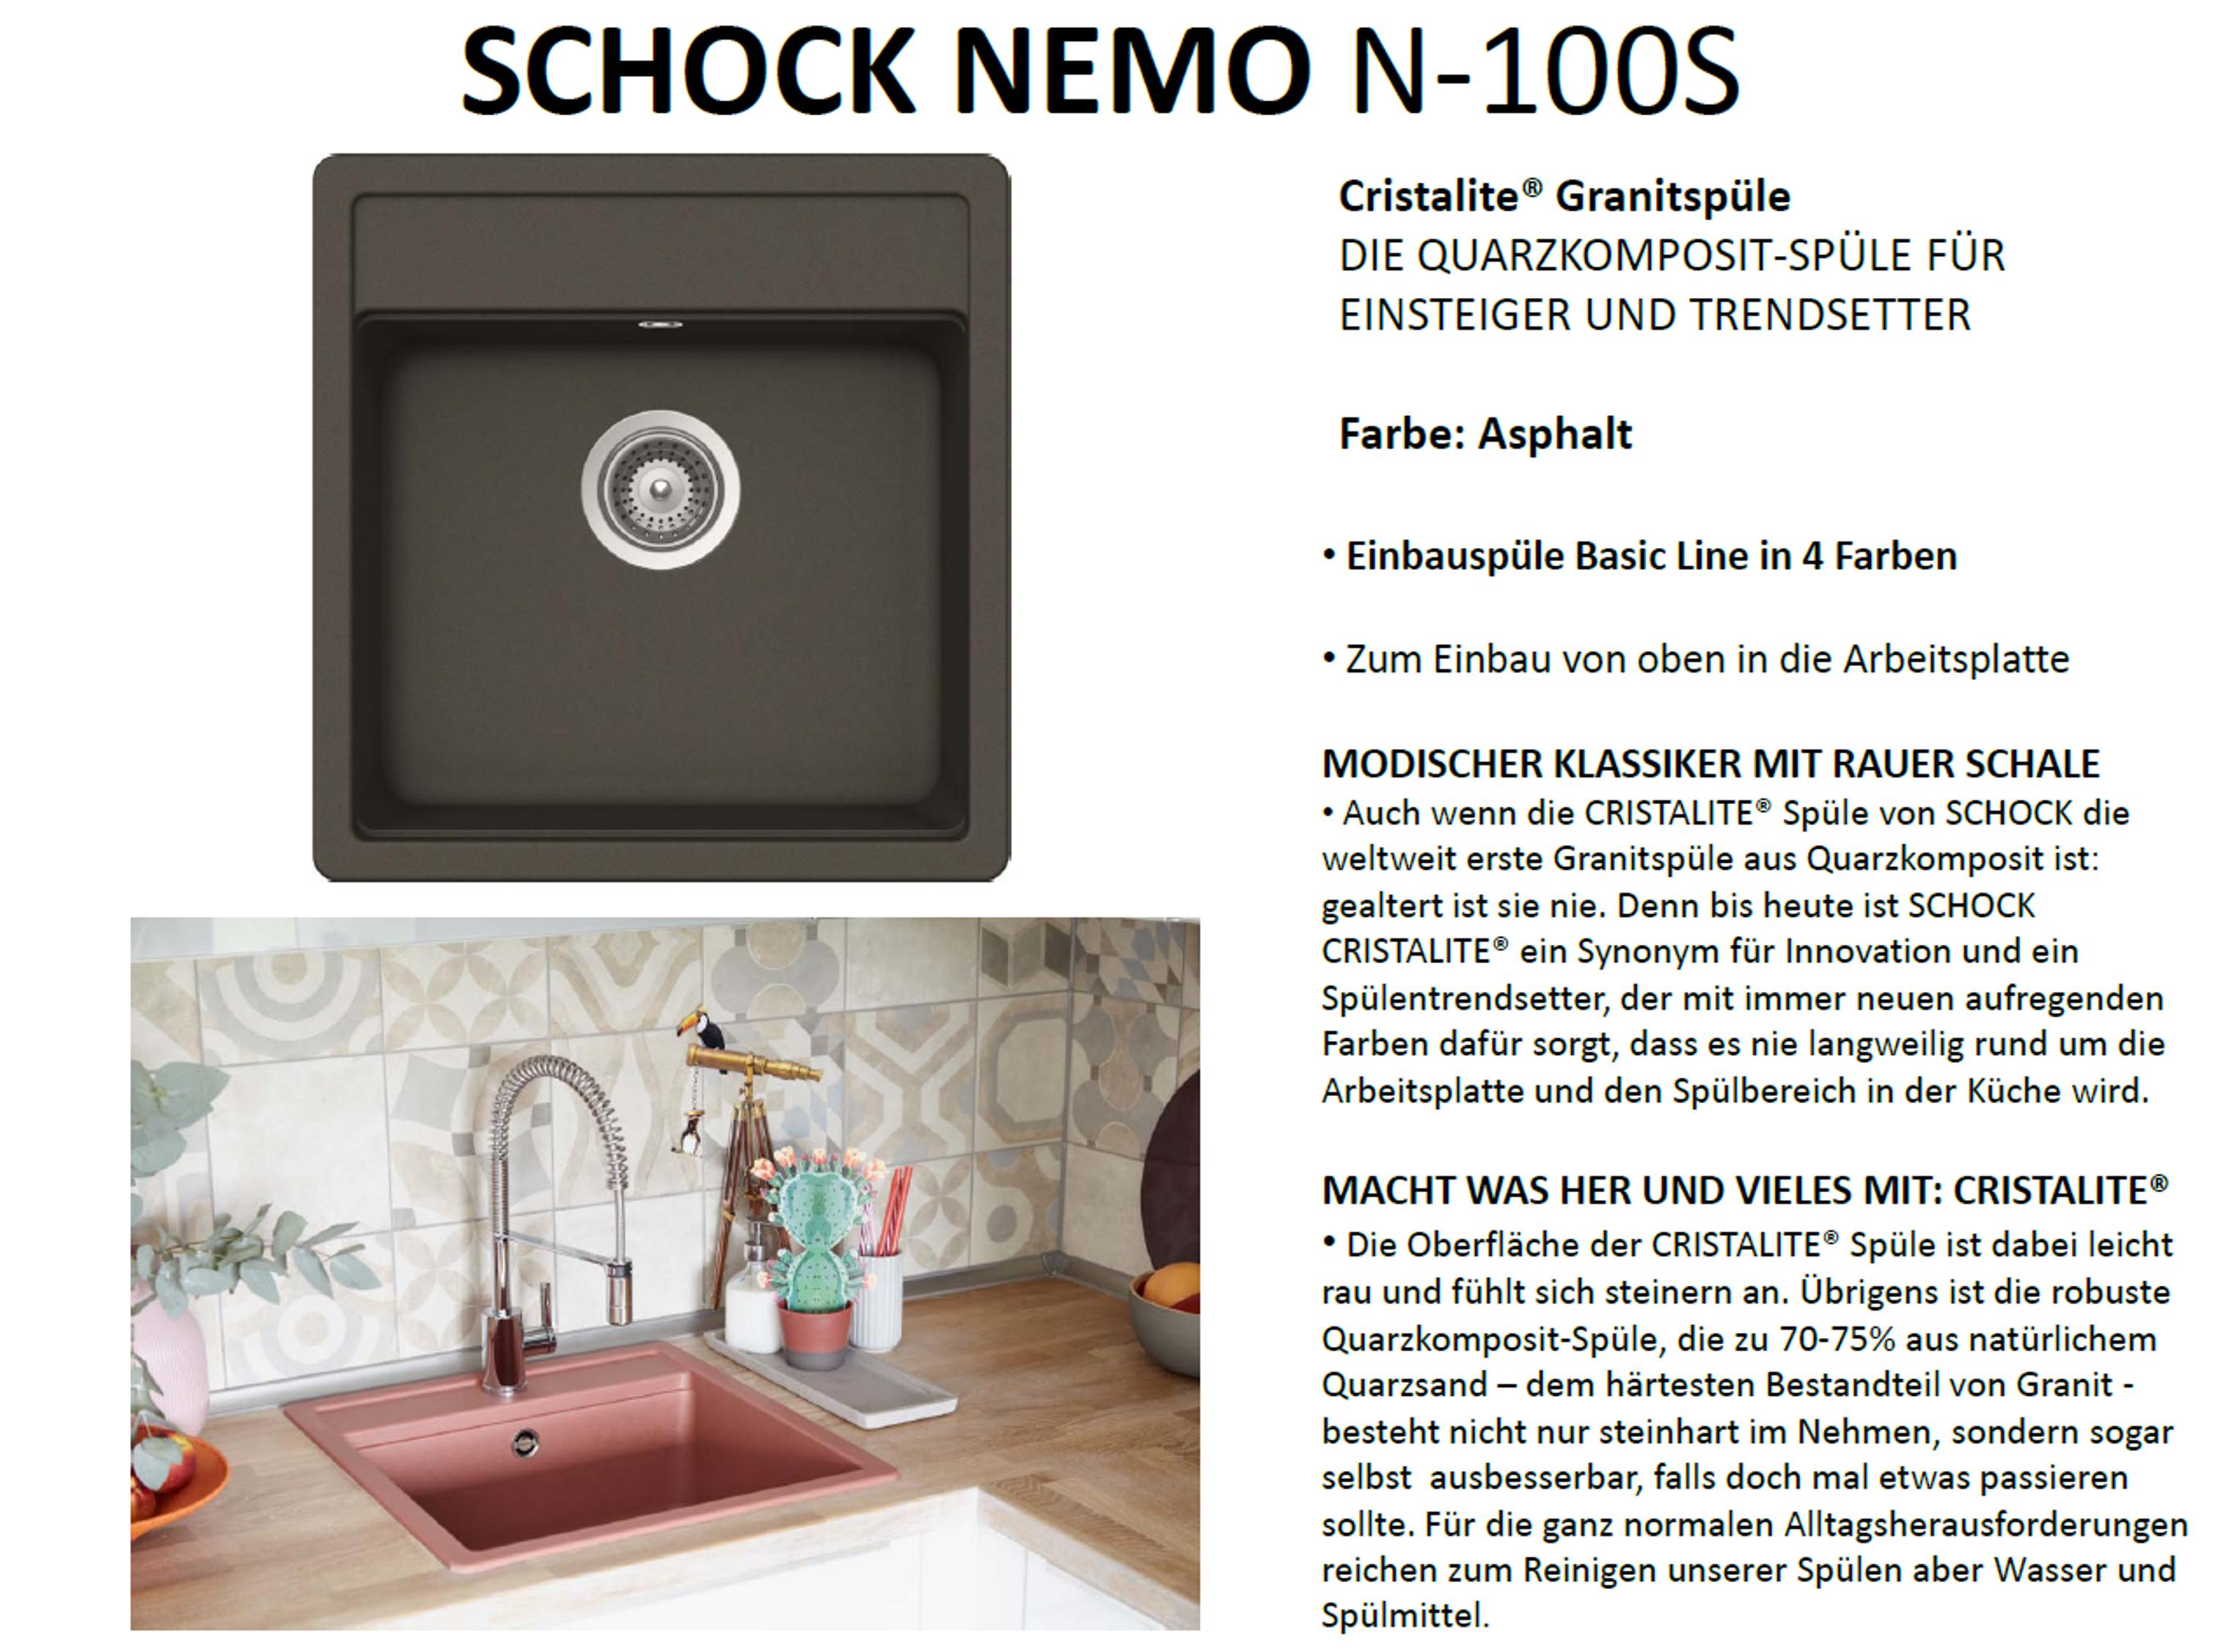 Granitspüle Schock Nemo N-100 S Cristalite Spülbecken Einbau-Spüle Küchenspüle